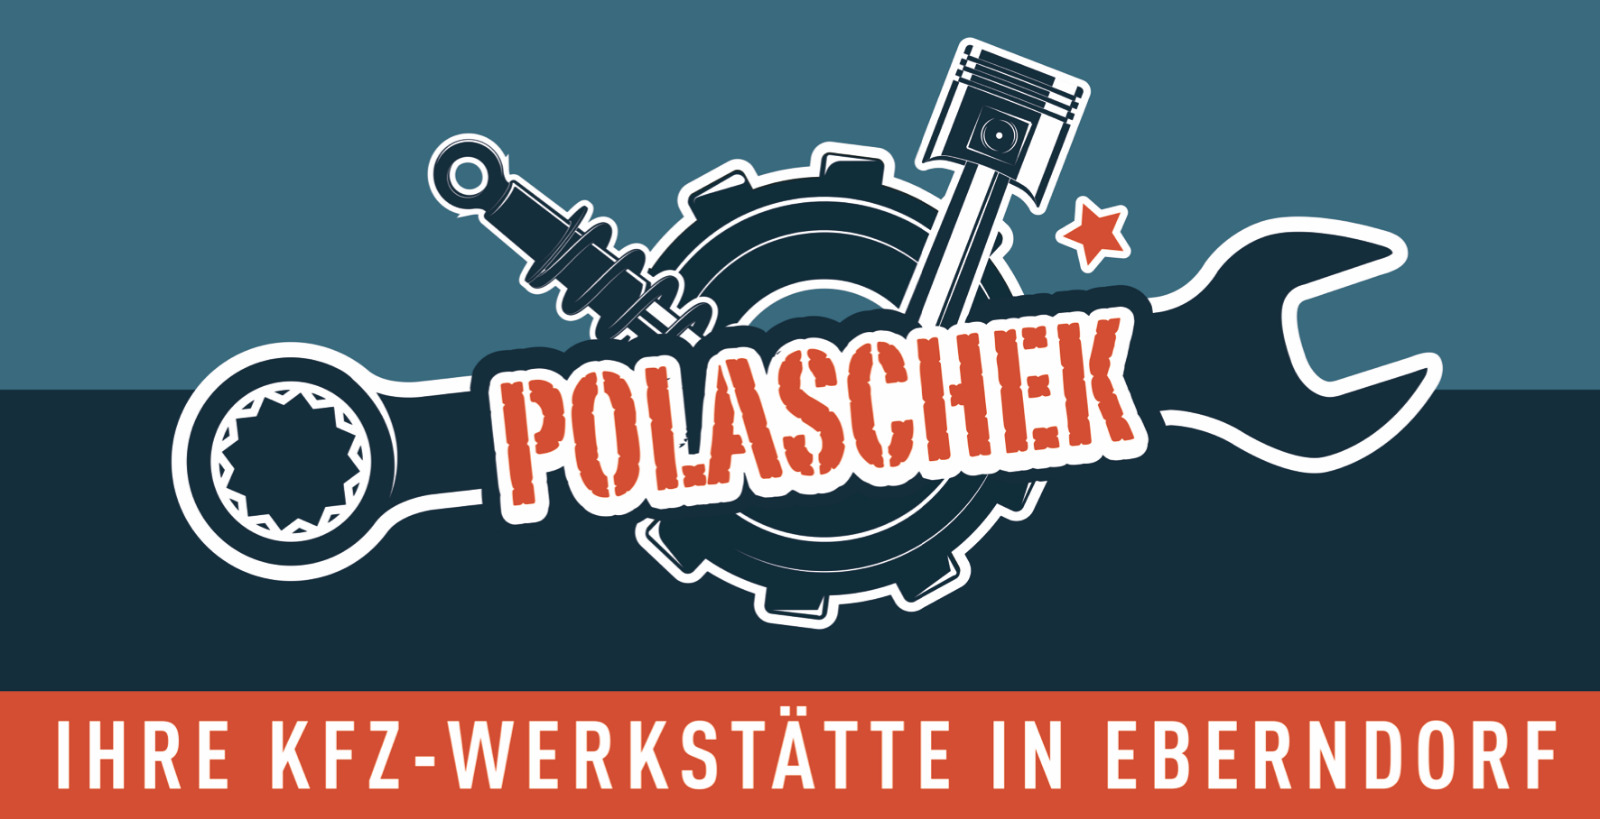 KFZ Polascheck